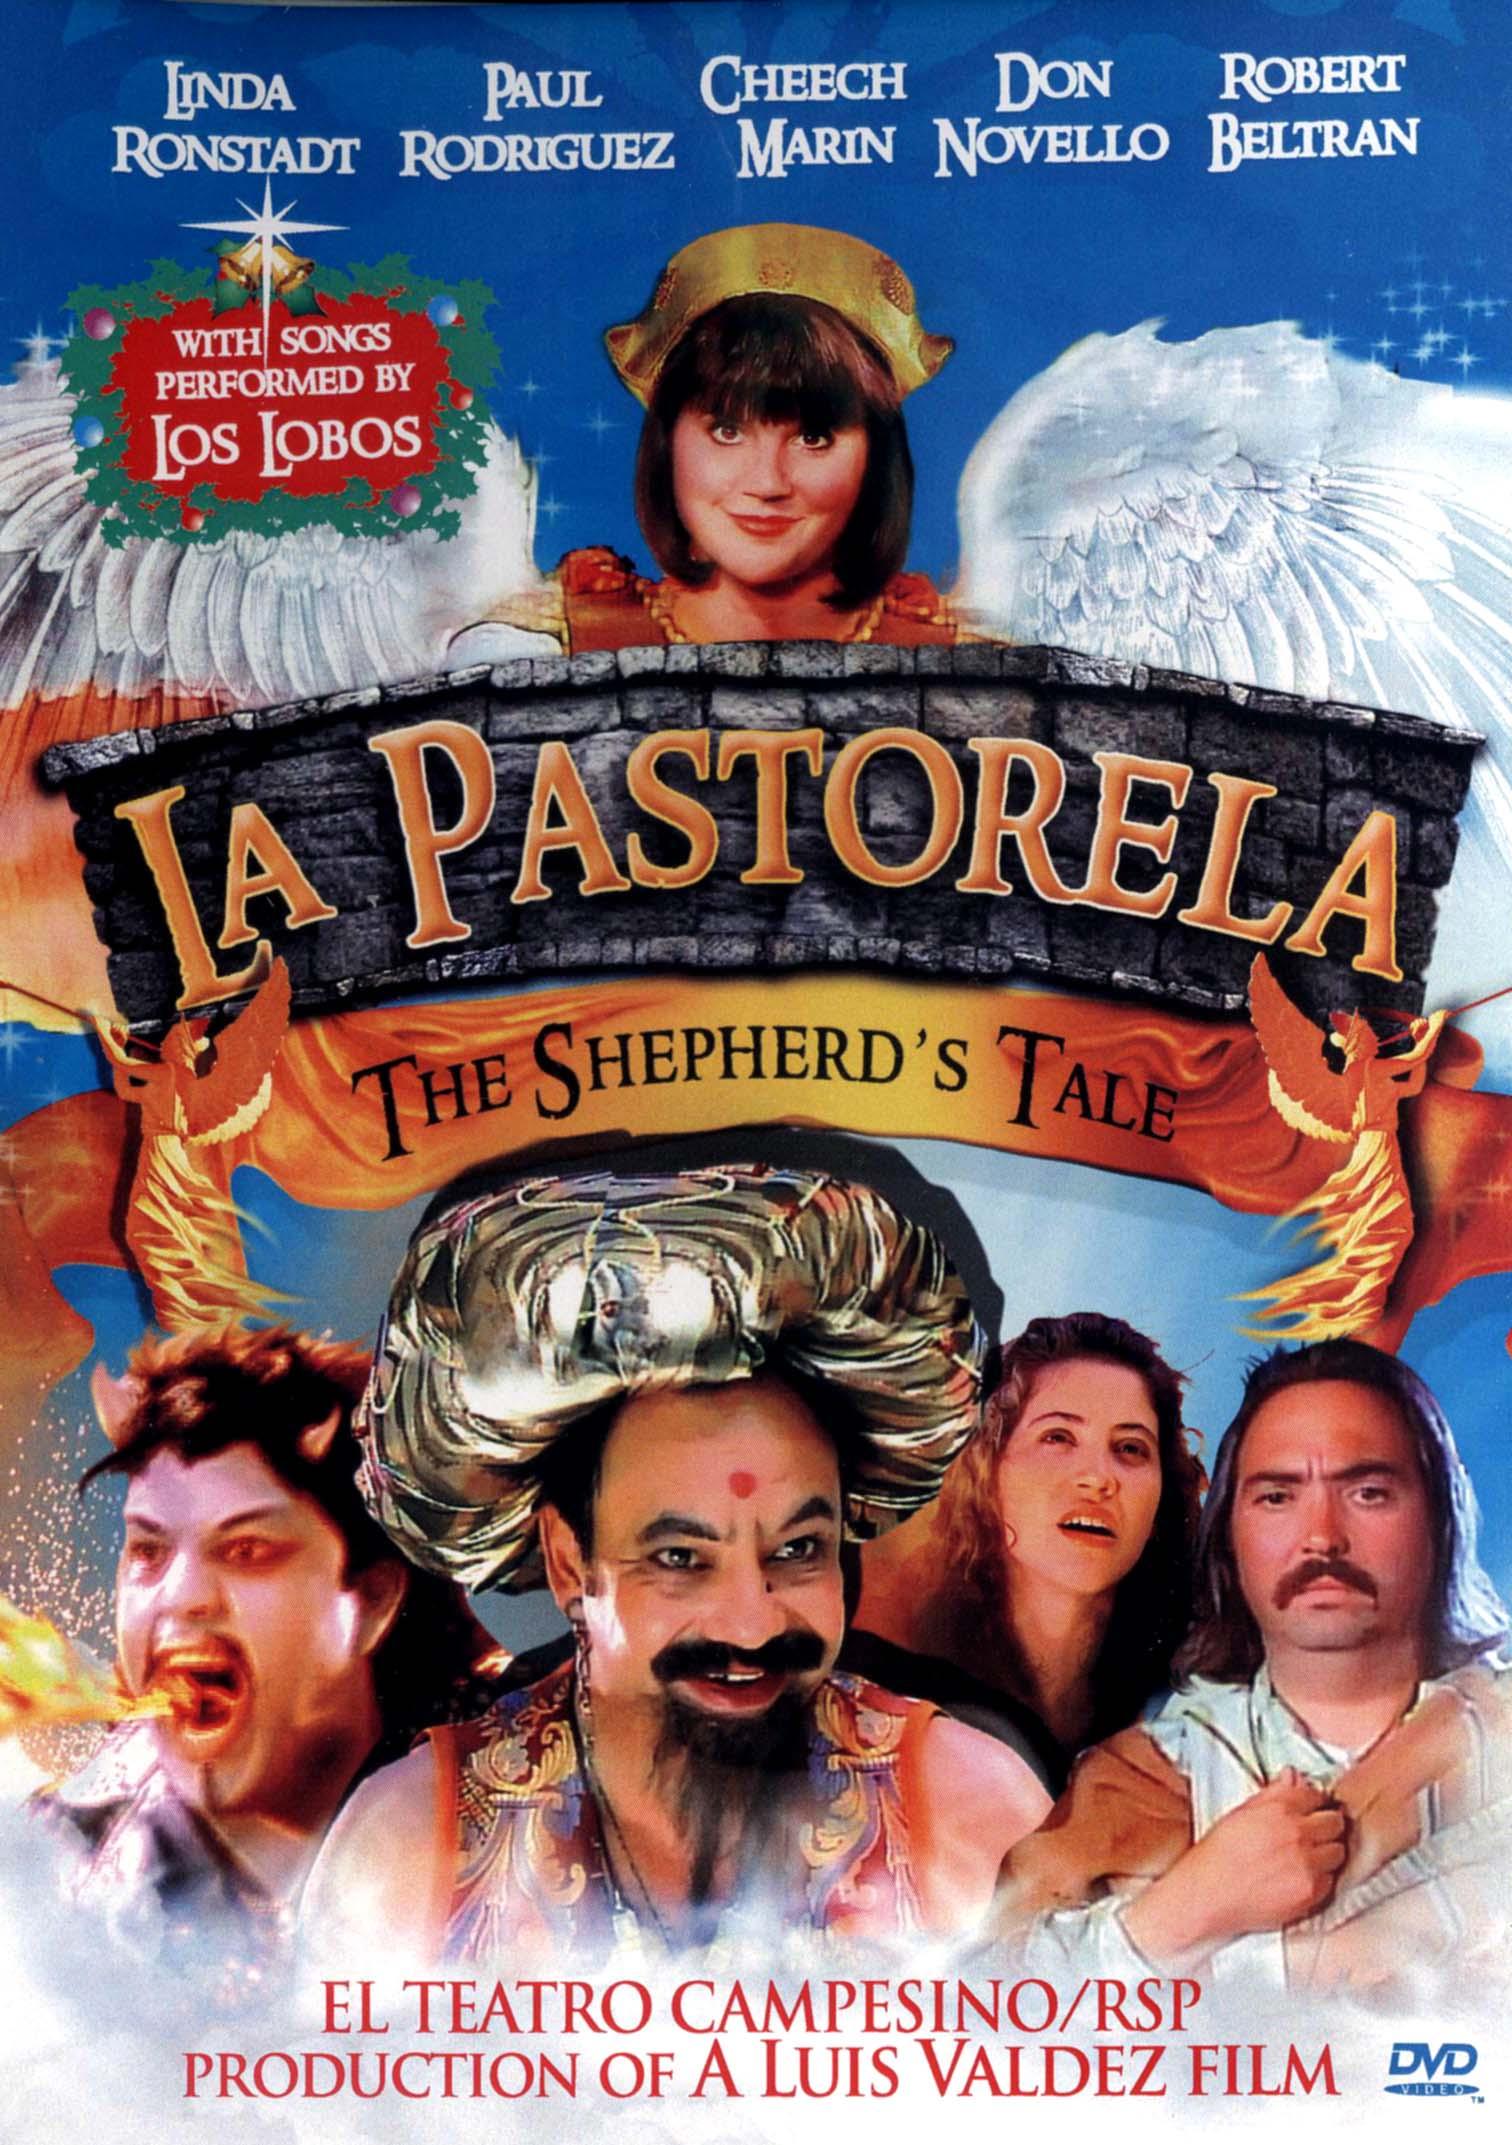 La Pastorela